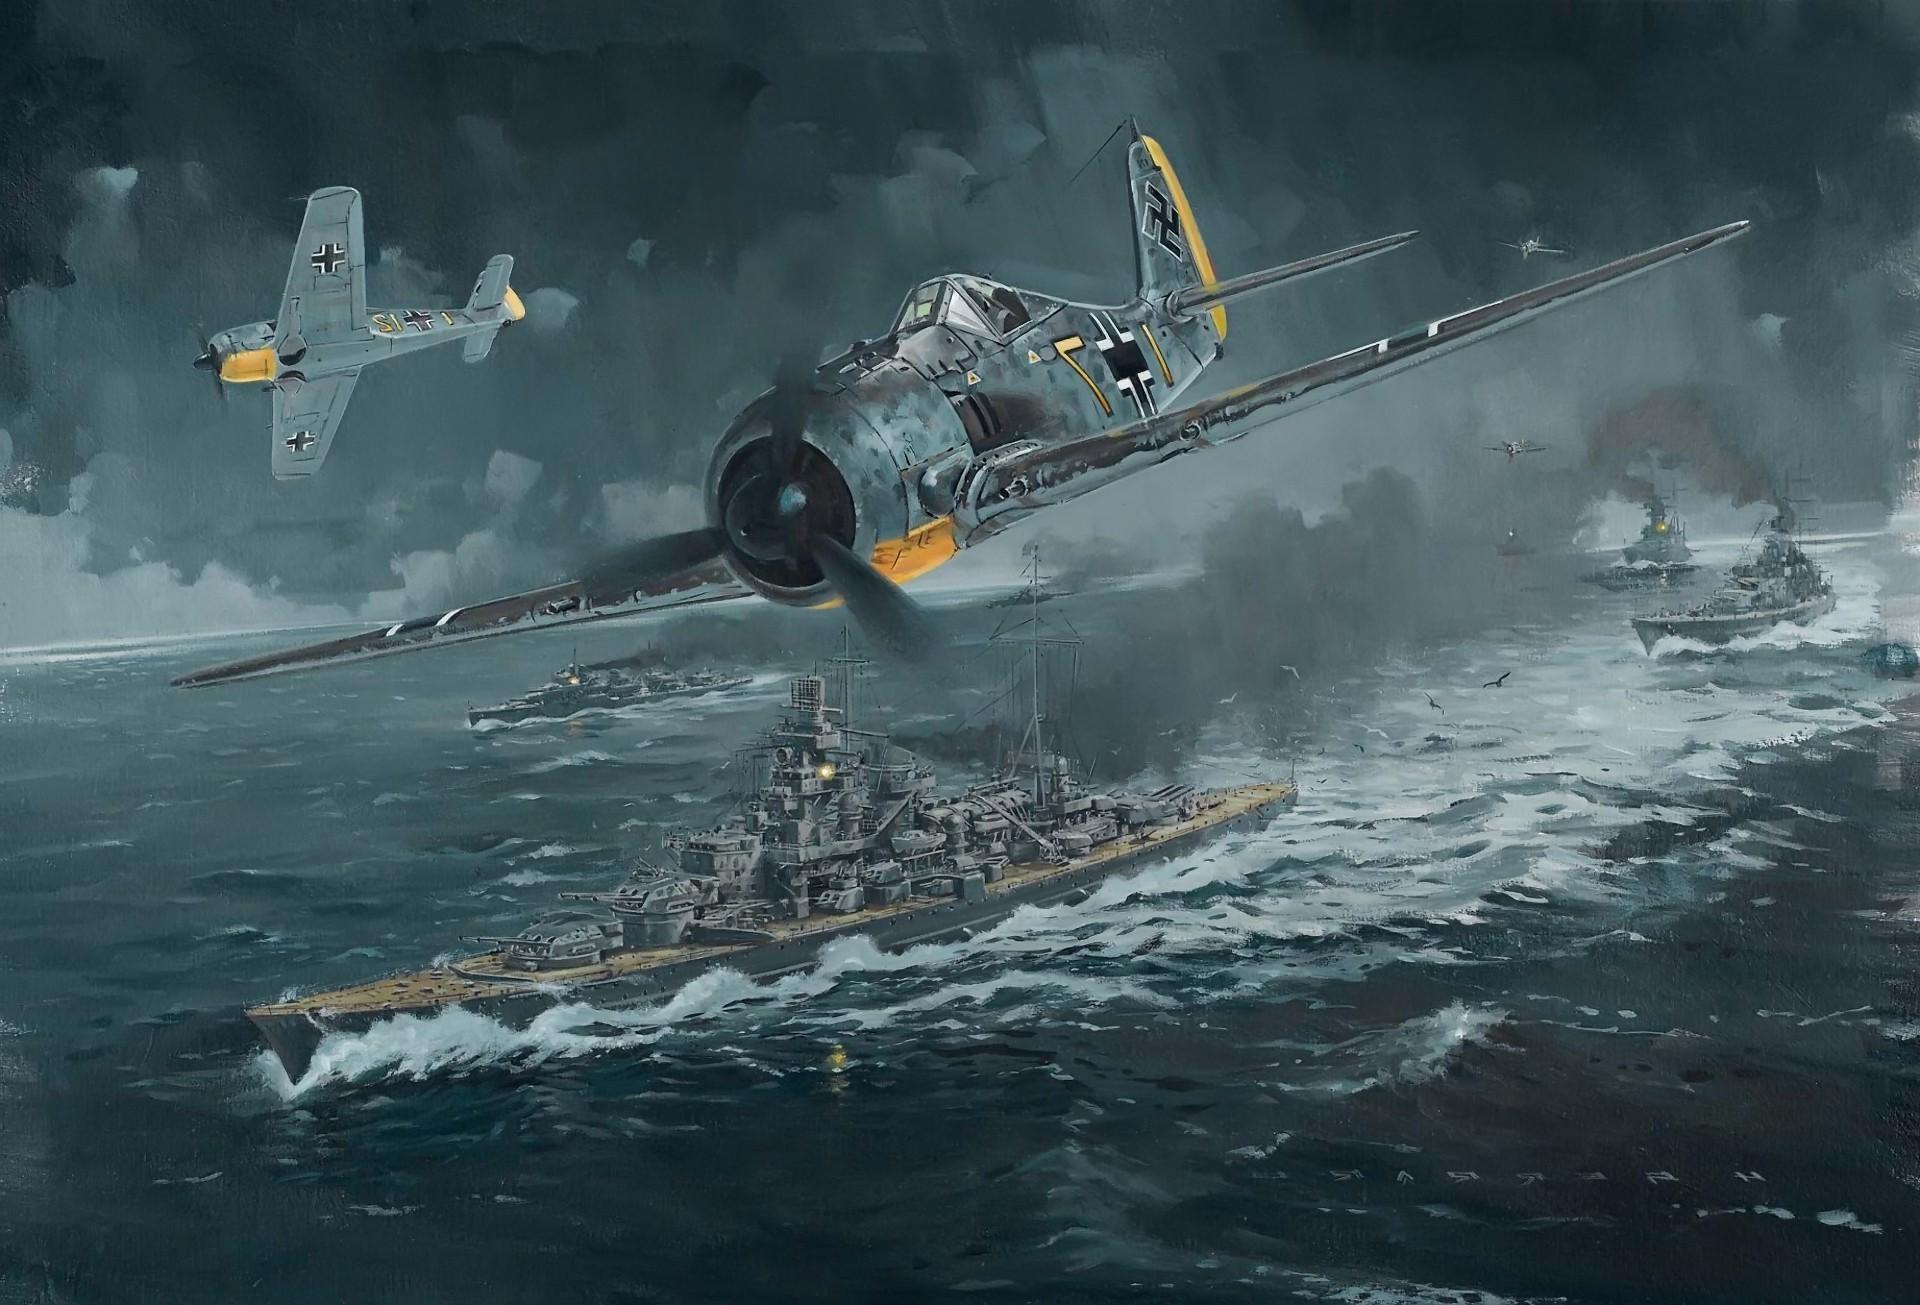 World War II, Fw 190, Focke Wulf, Luftwaffe, Germany, Military,